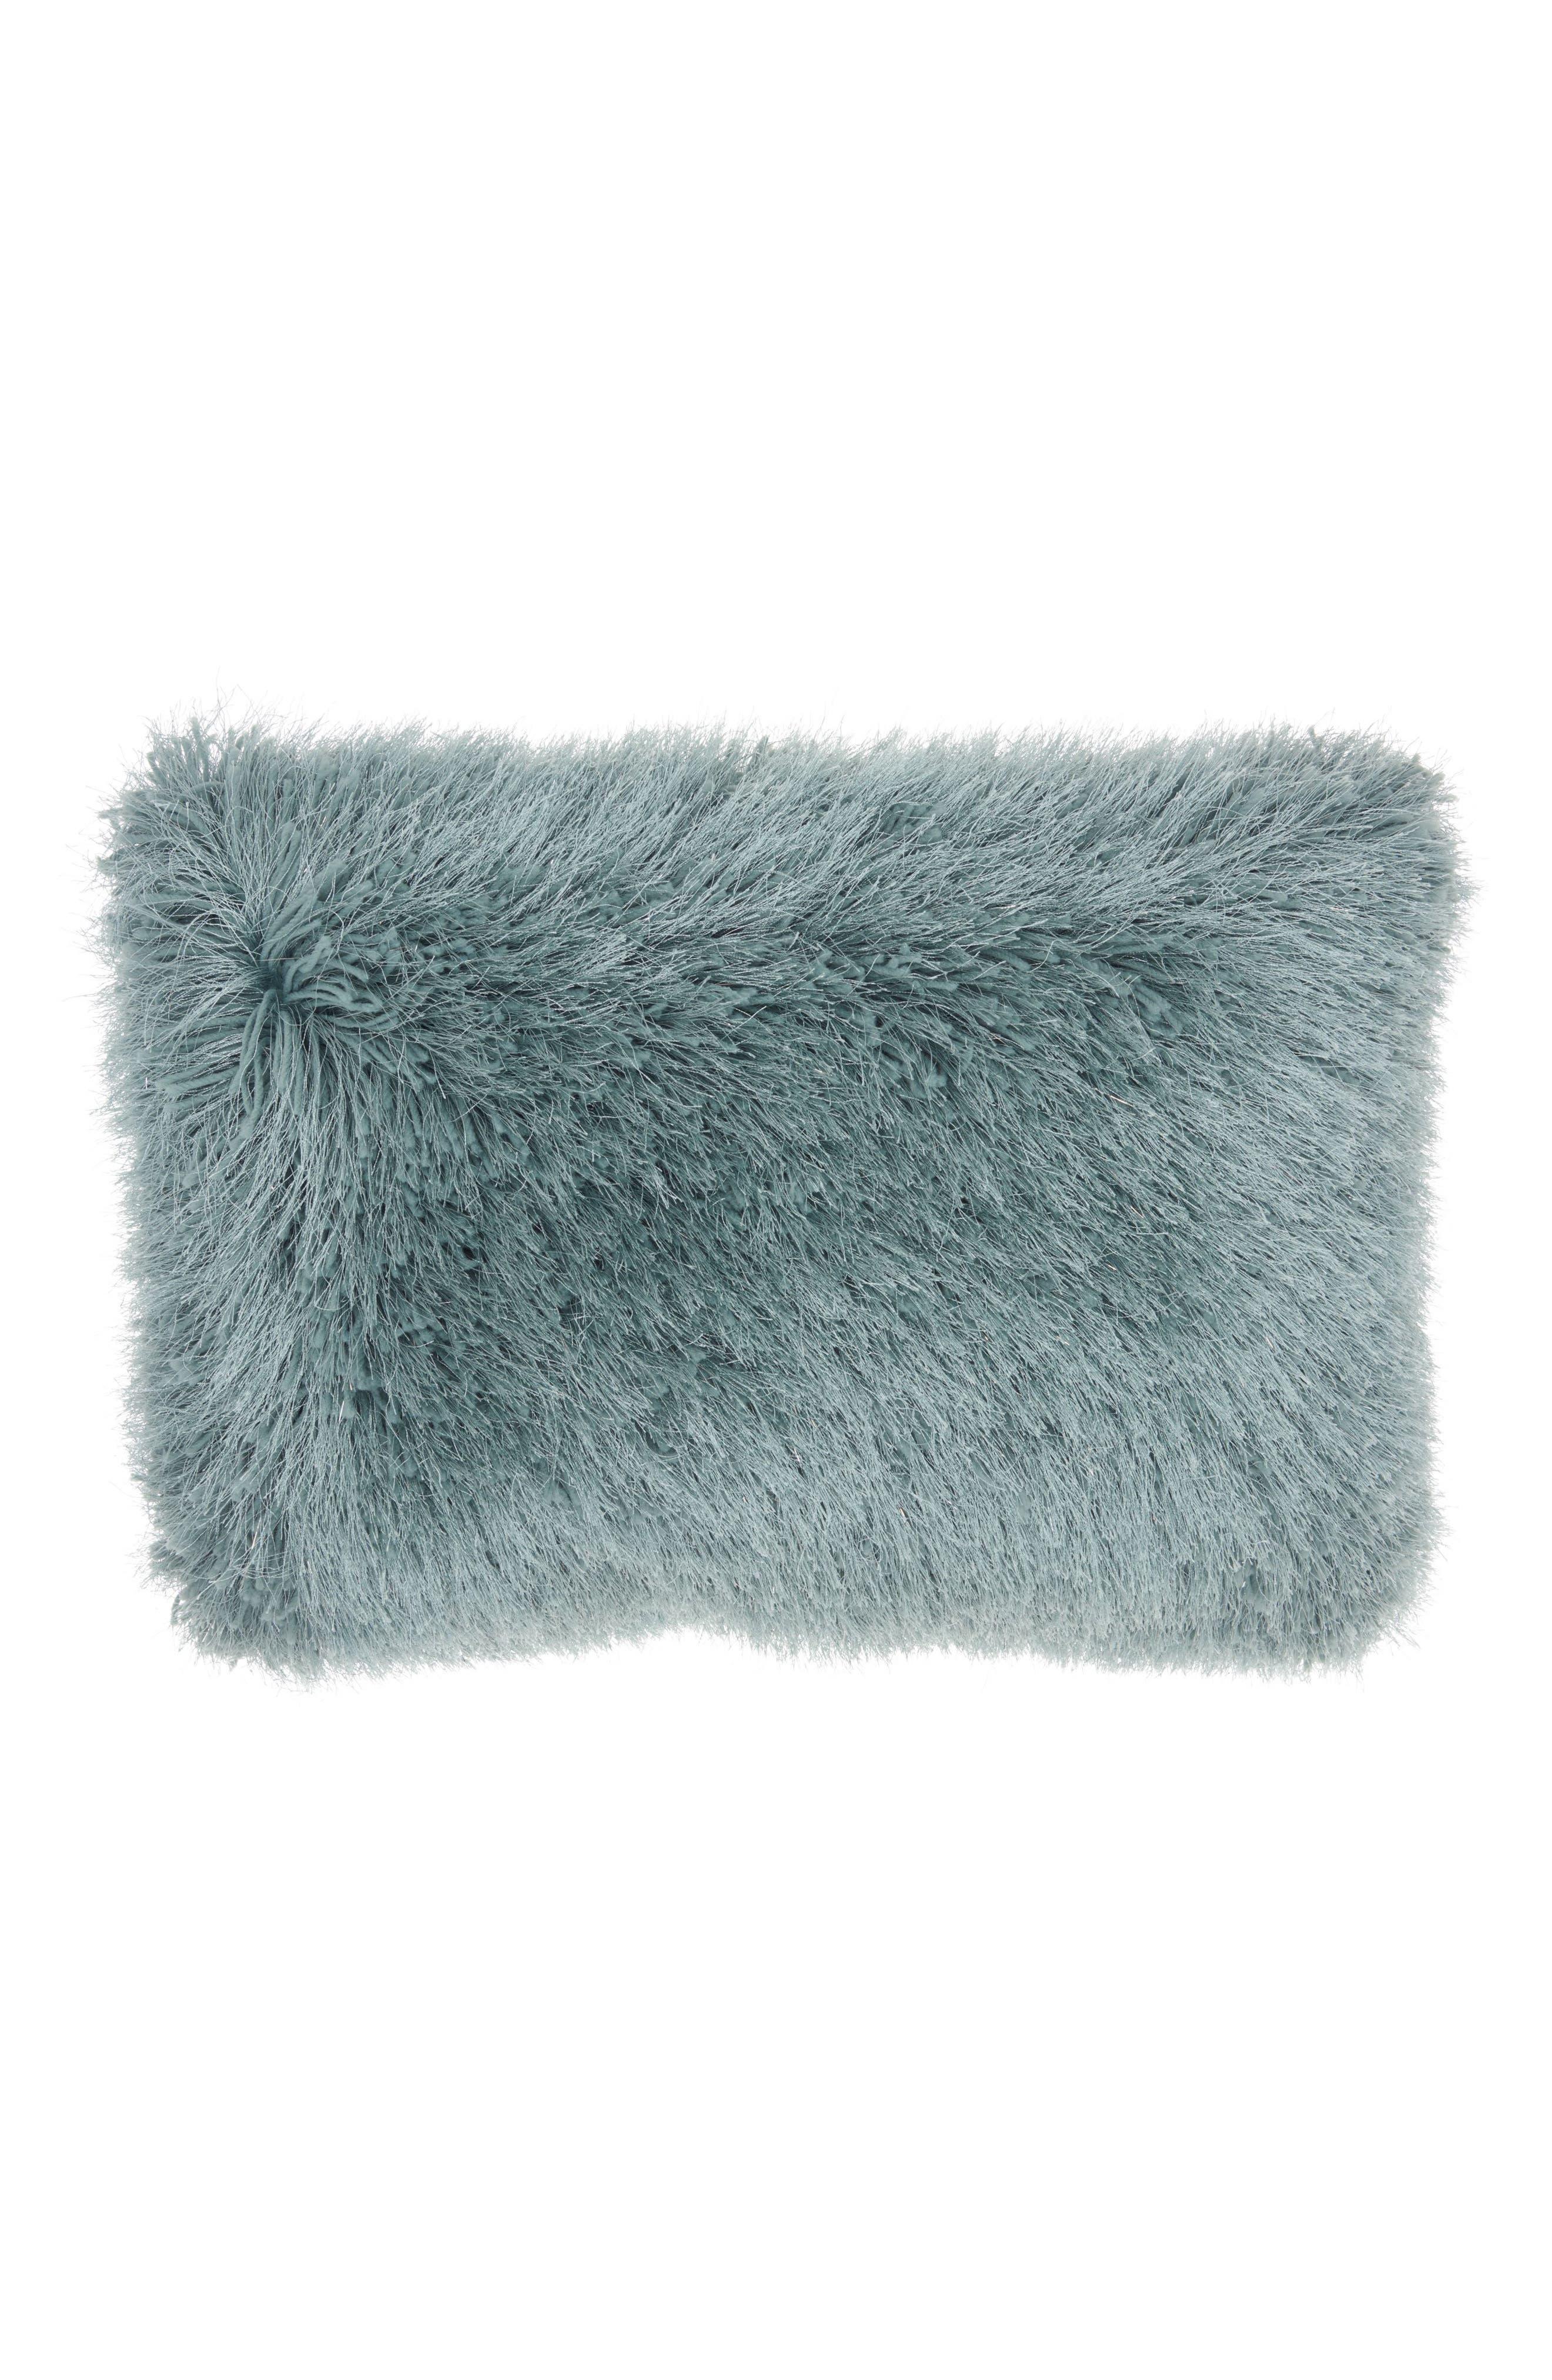 Main Image - Mina Victory Yarn Shimmer Shag Pillow